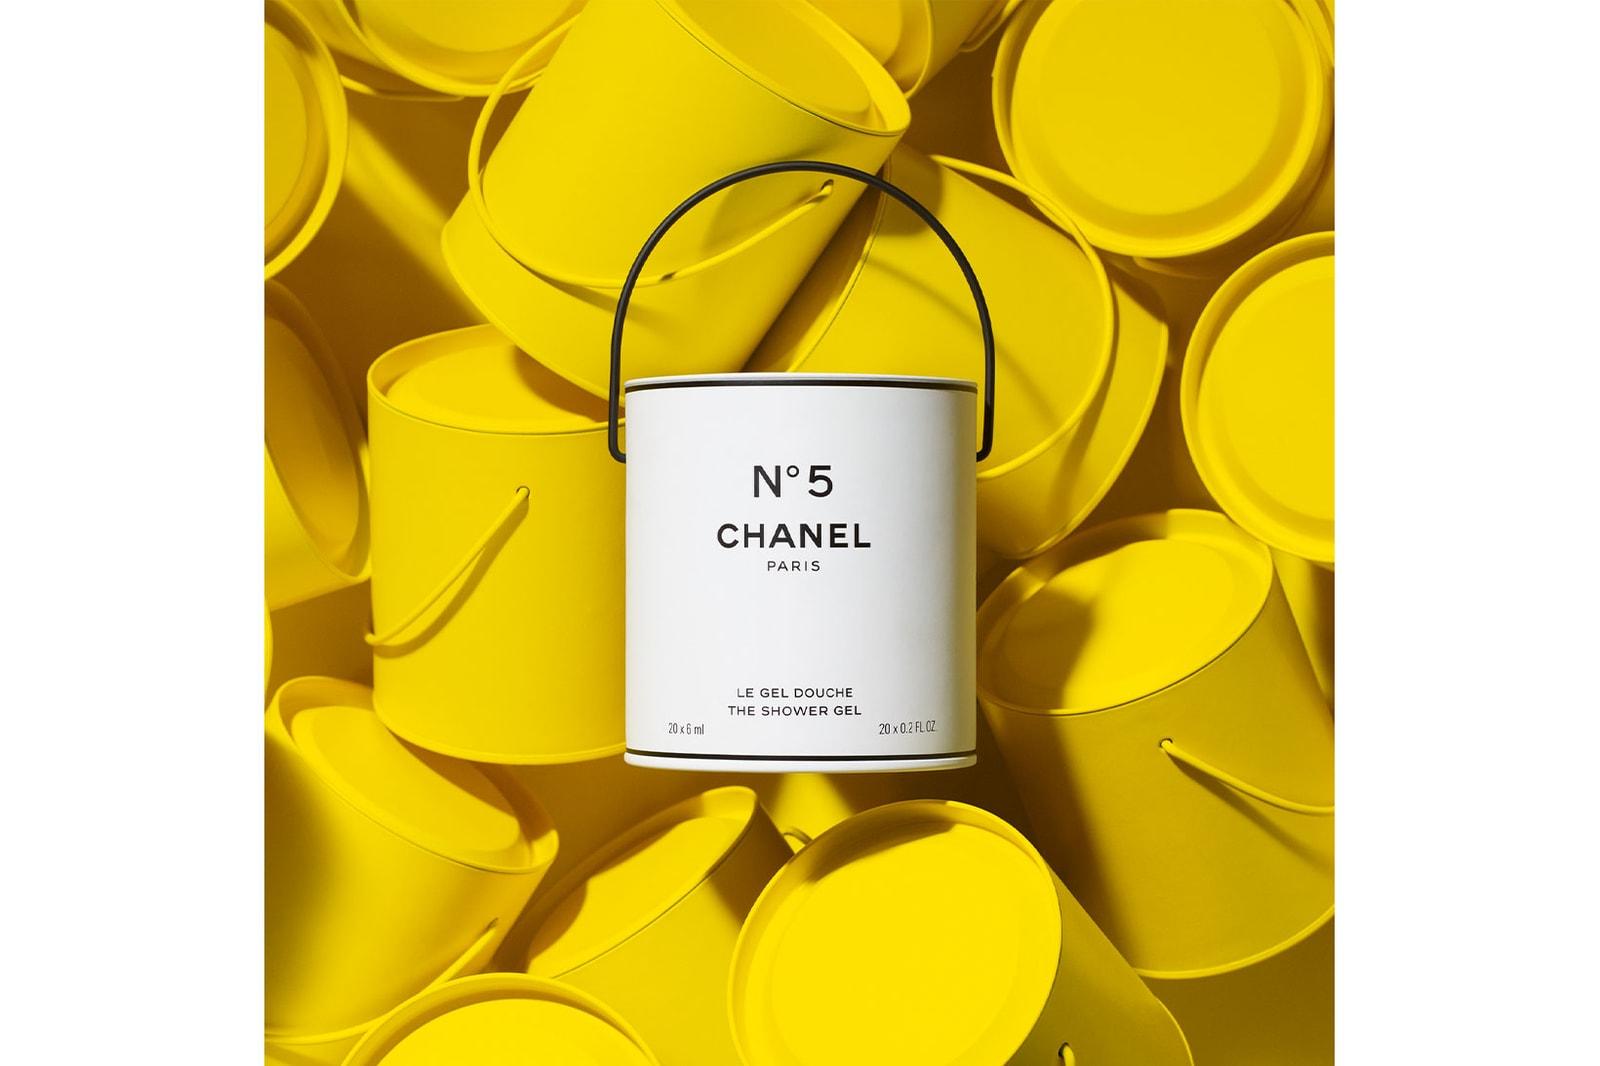 chanel Factory No.5 Pop-Up Perfume Fragrance Hong Kong